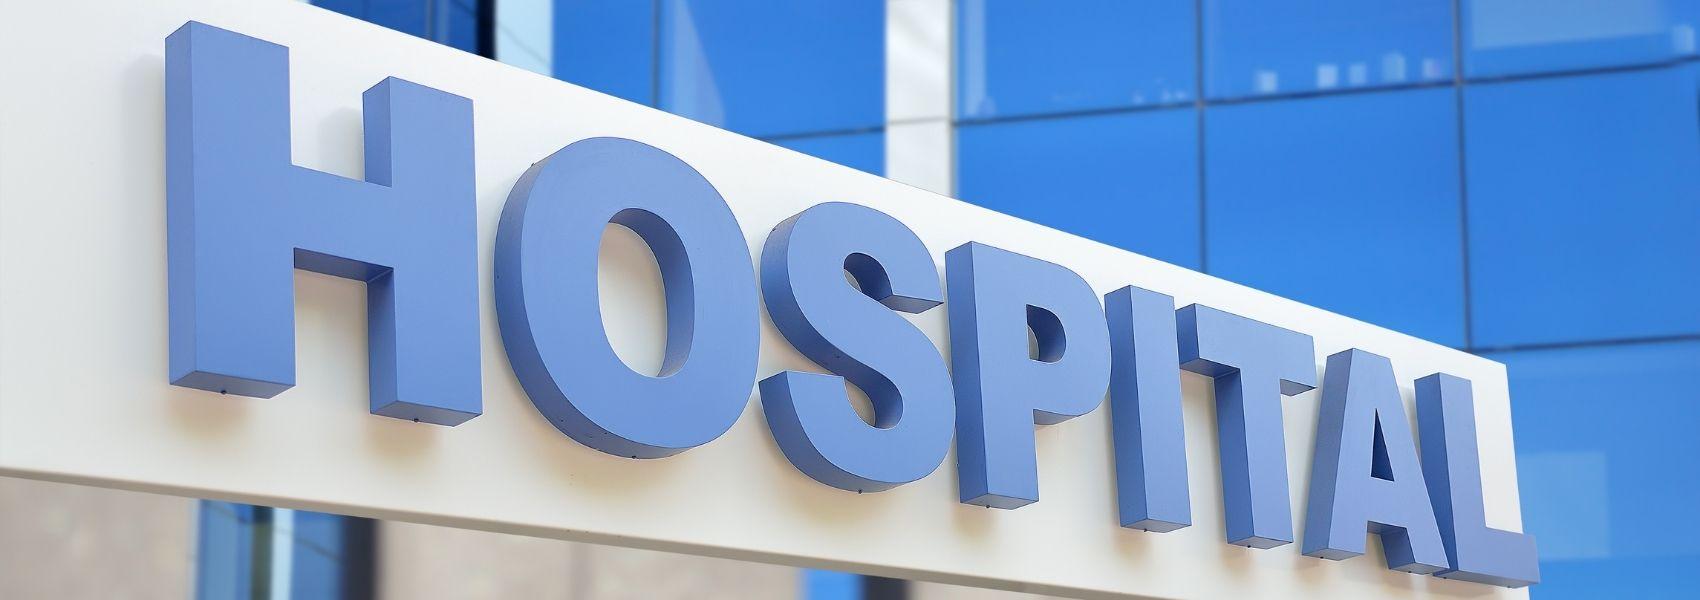 3.267 painéis solares no Hospital de Santa Maria vão permitir poupança de milhares